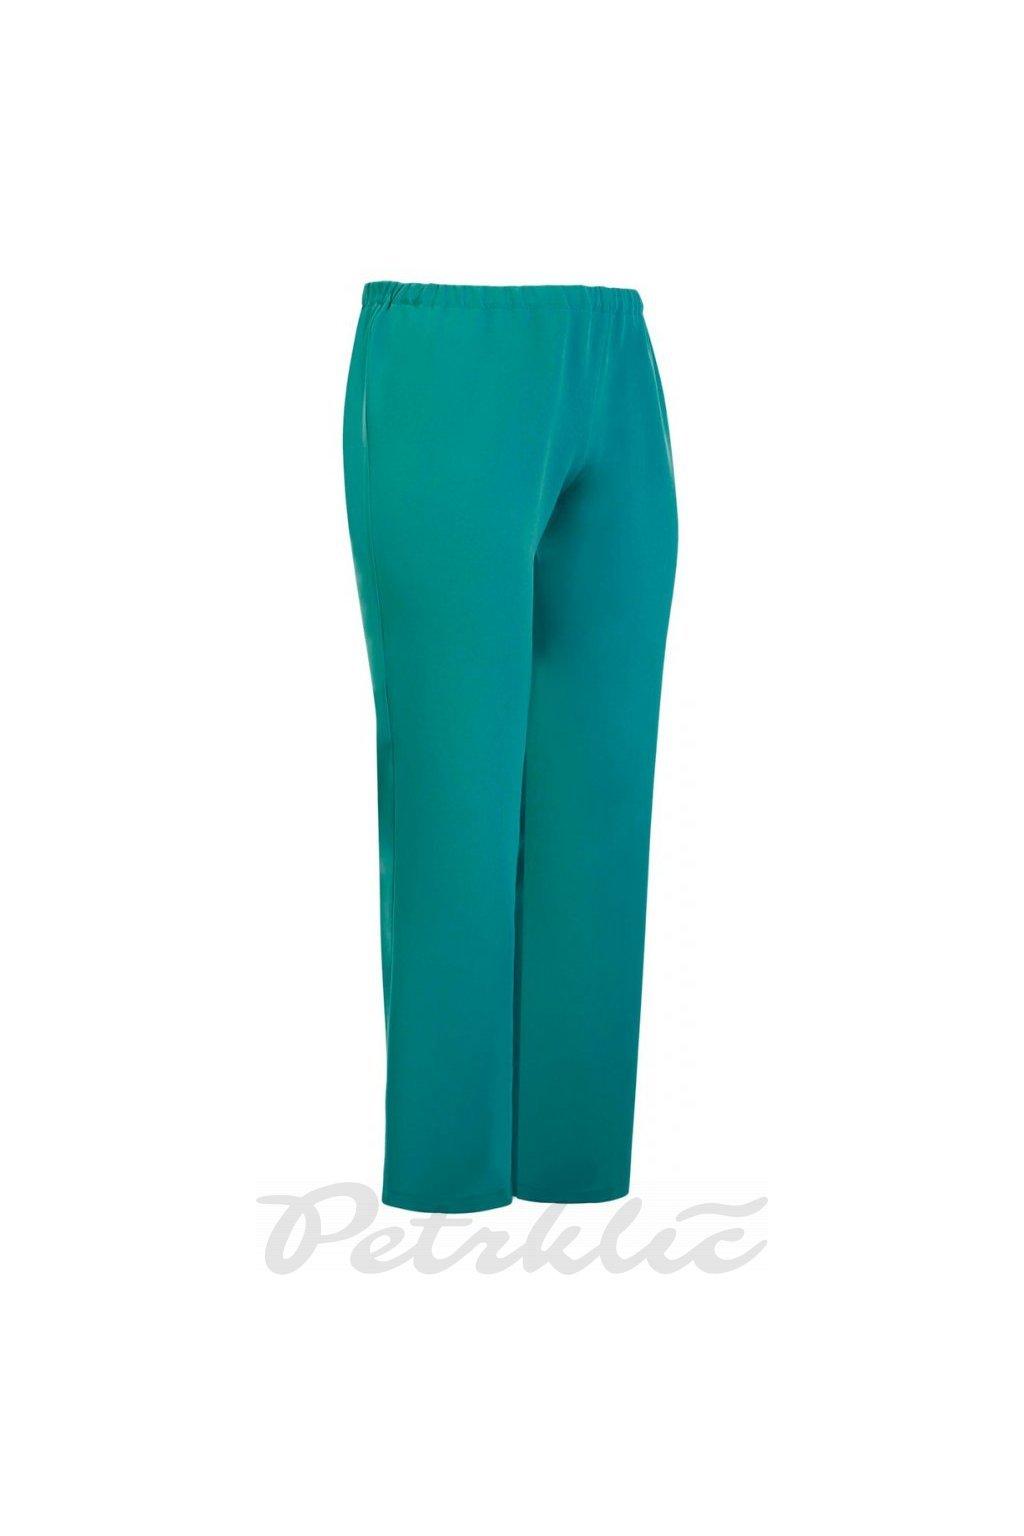 ŠIMON - kalhoty 95 - 100 cm zelený tyrkys   vel. 38